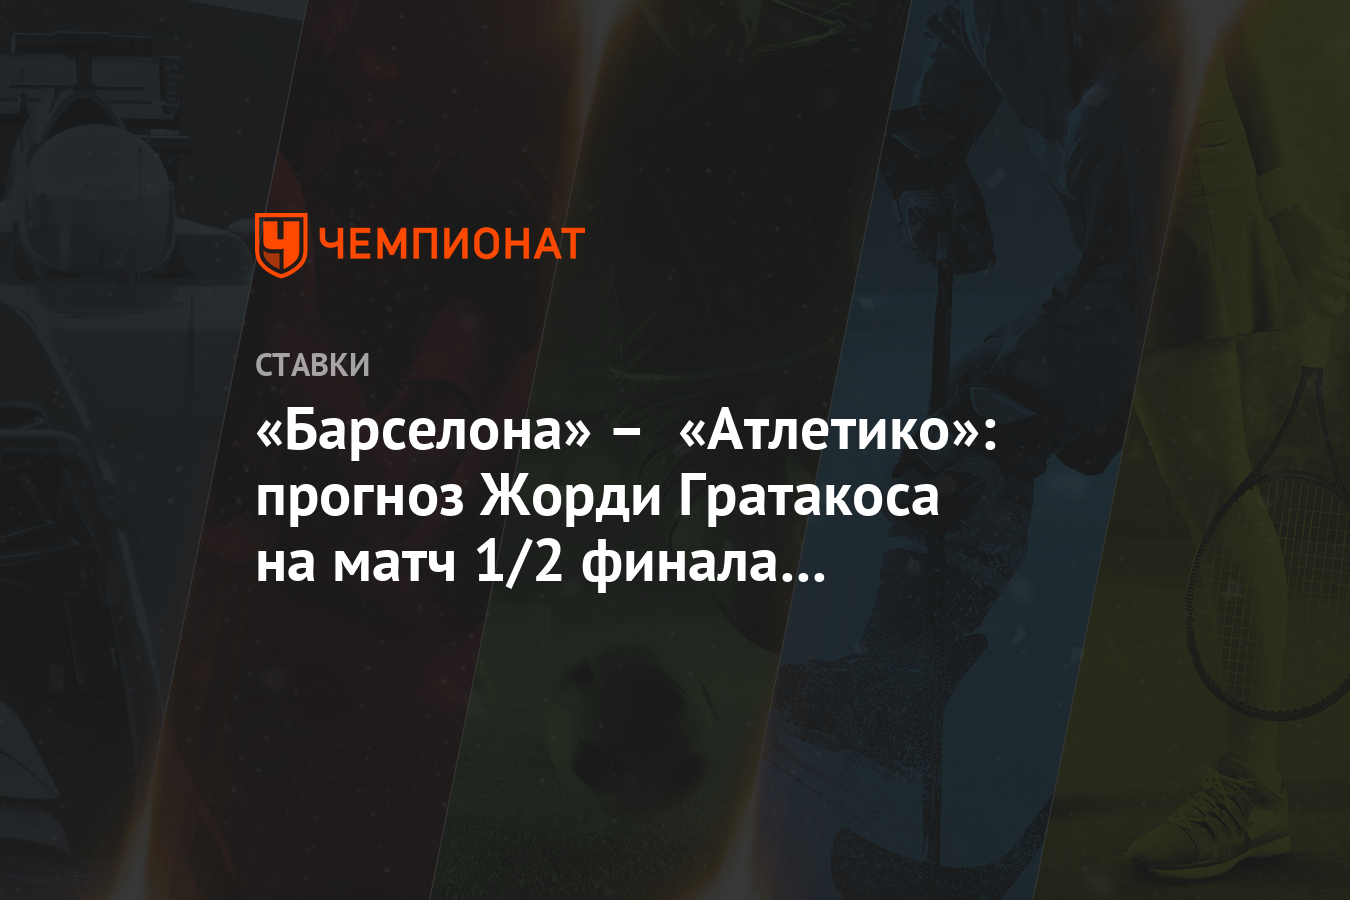 Полный матч атлетик манчестер юнайтед